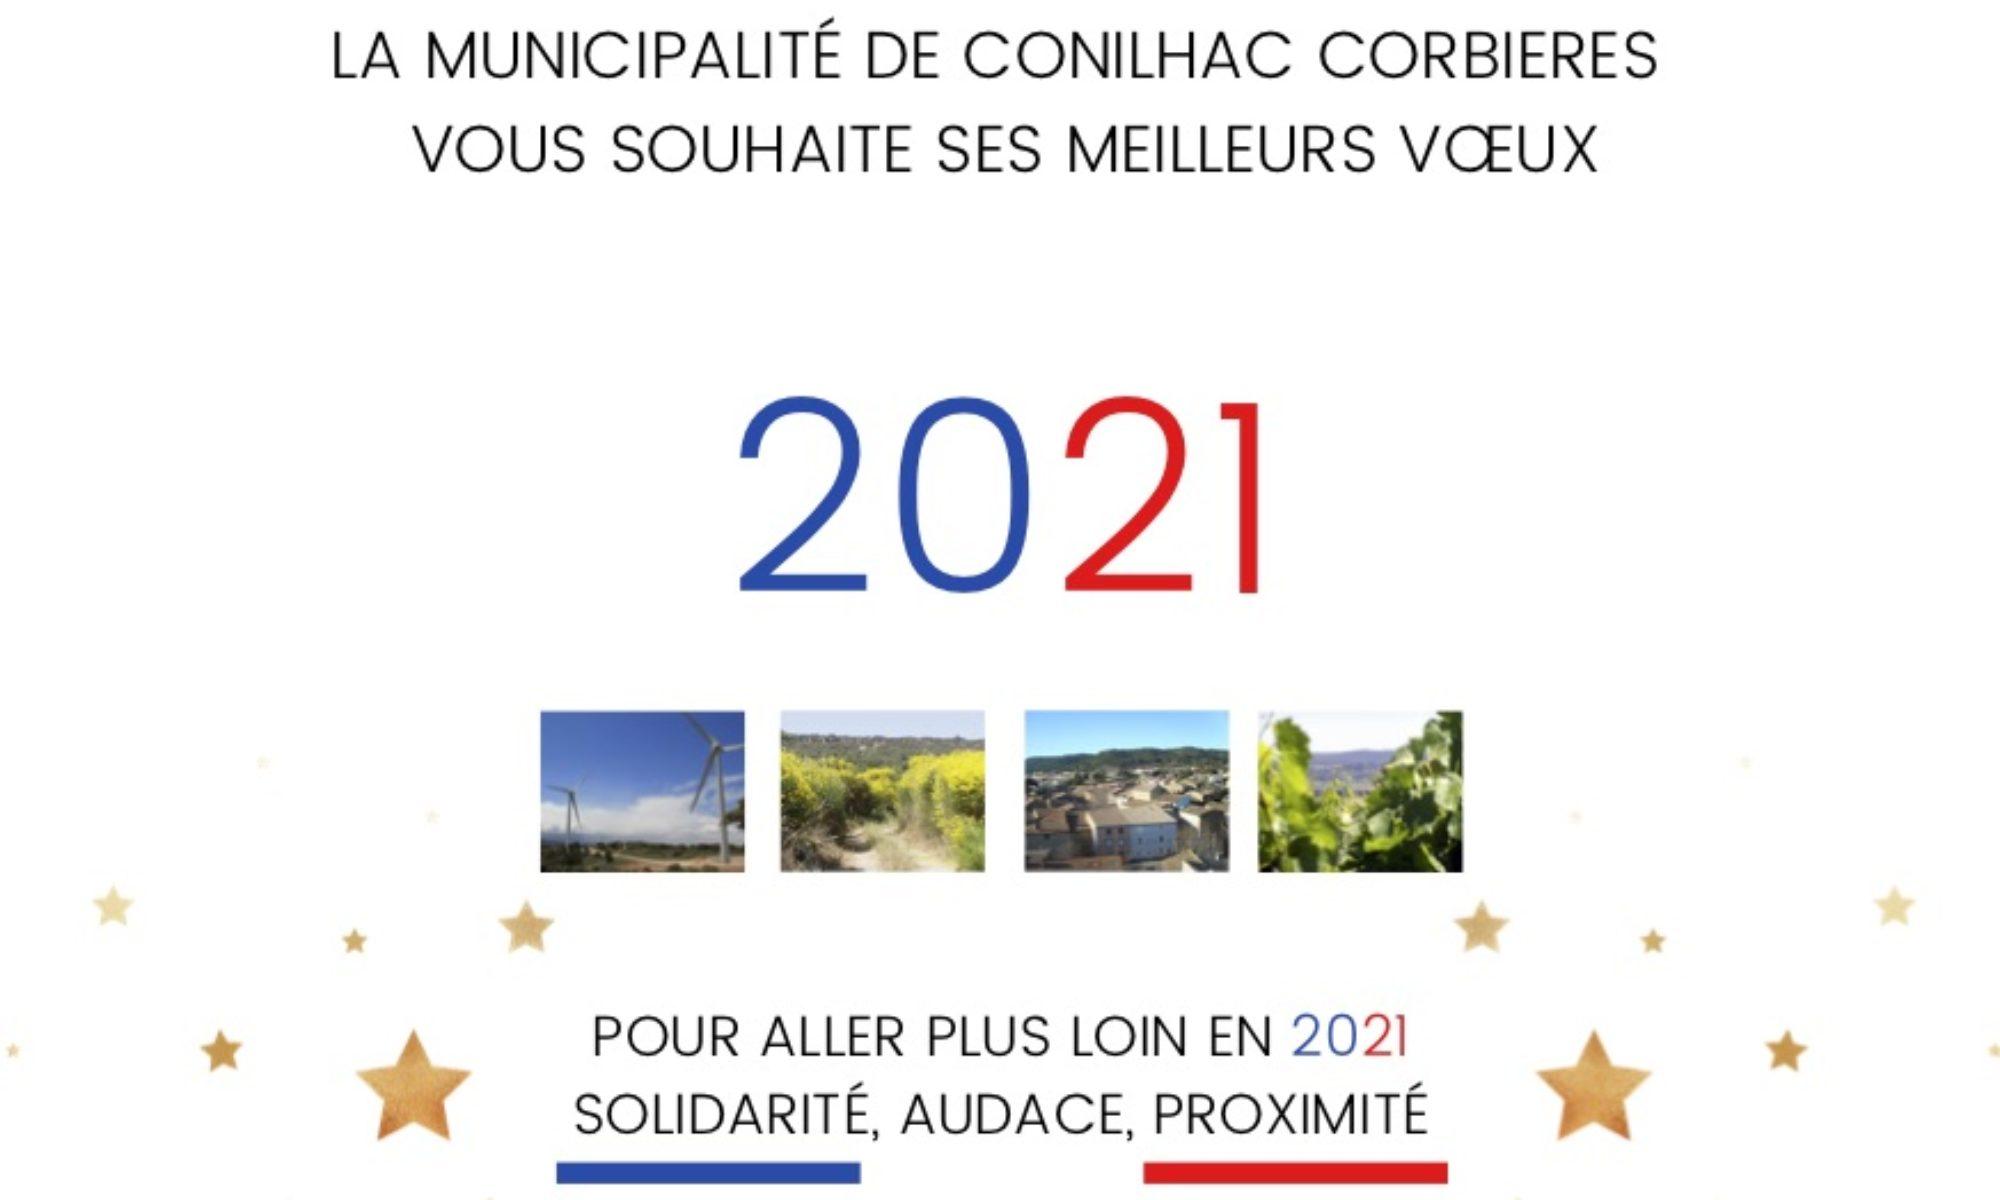 Conilhac-Corbières